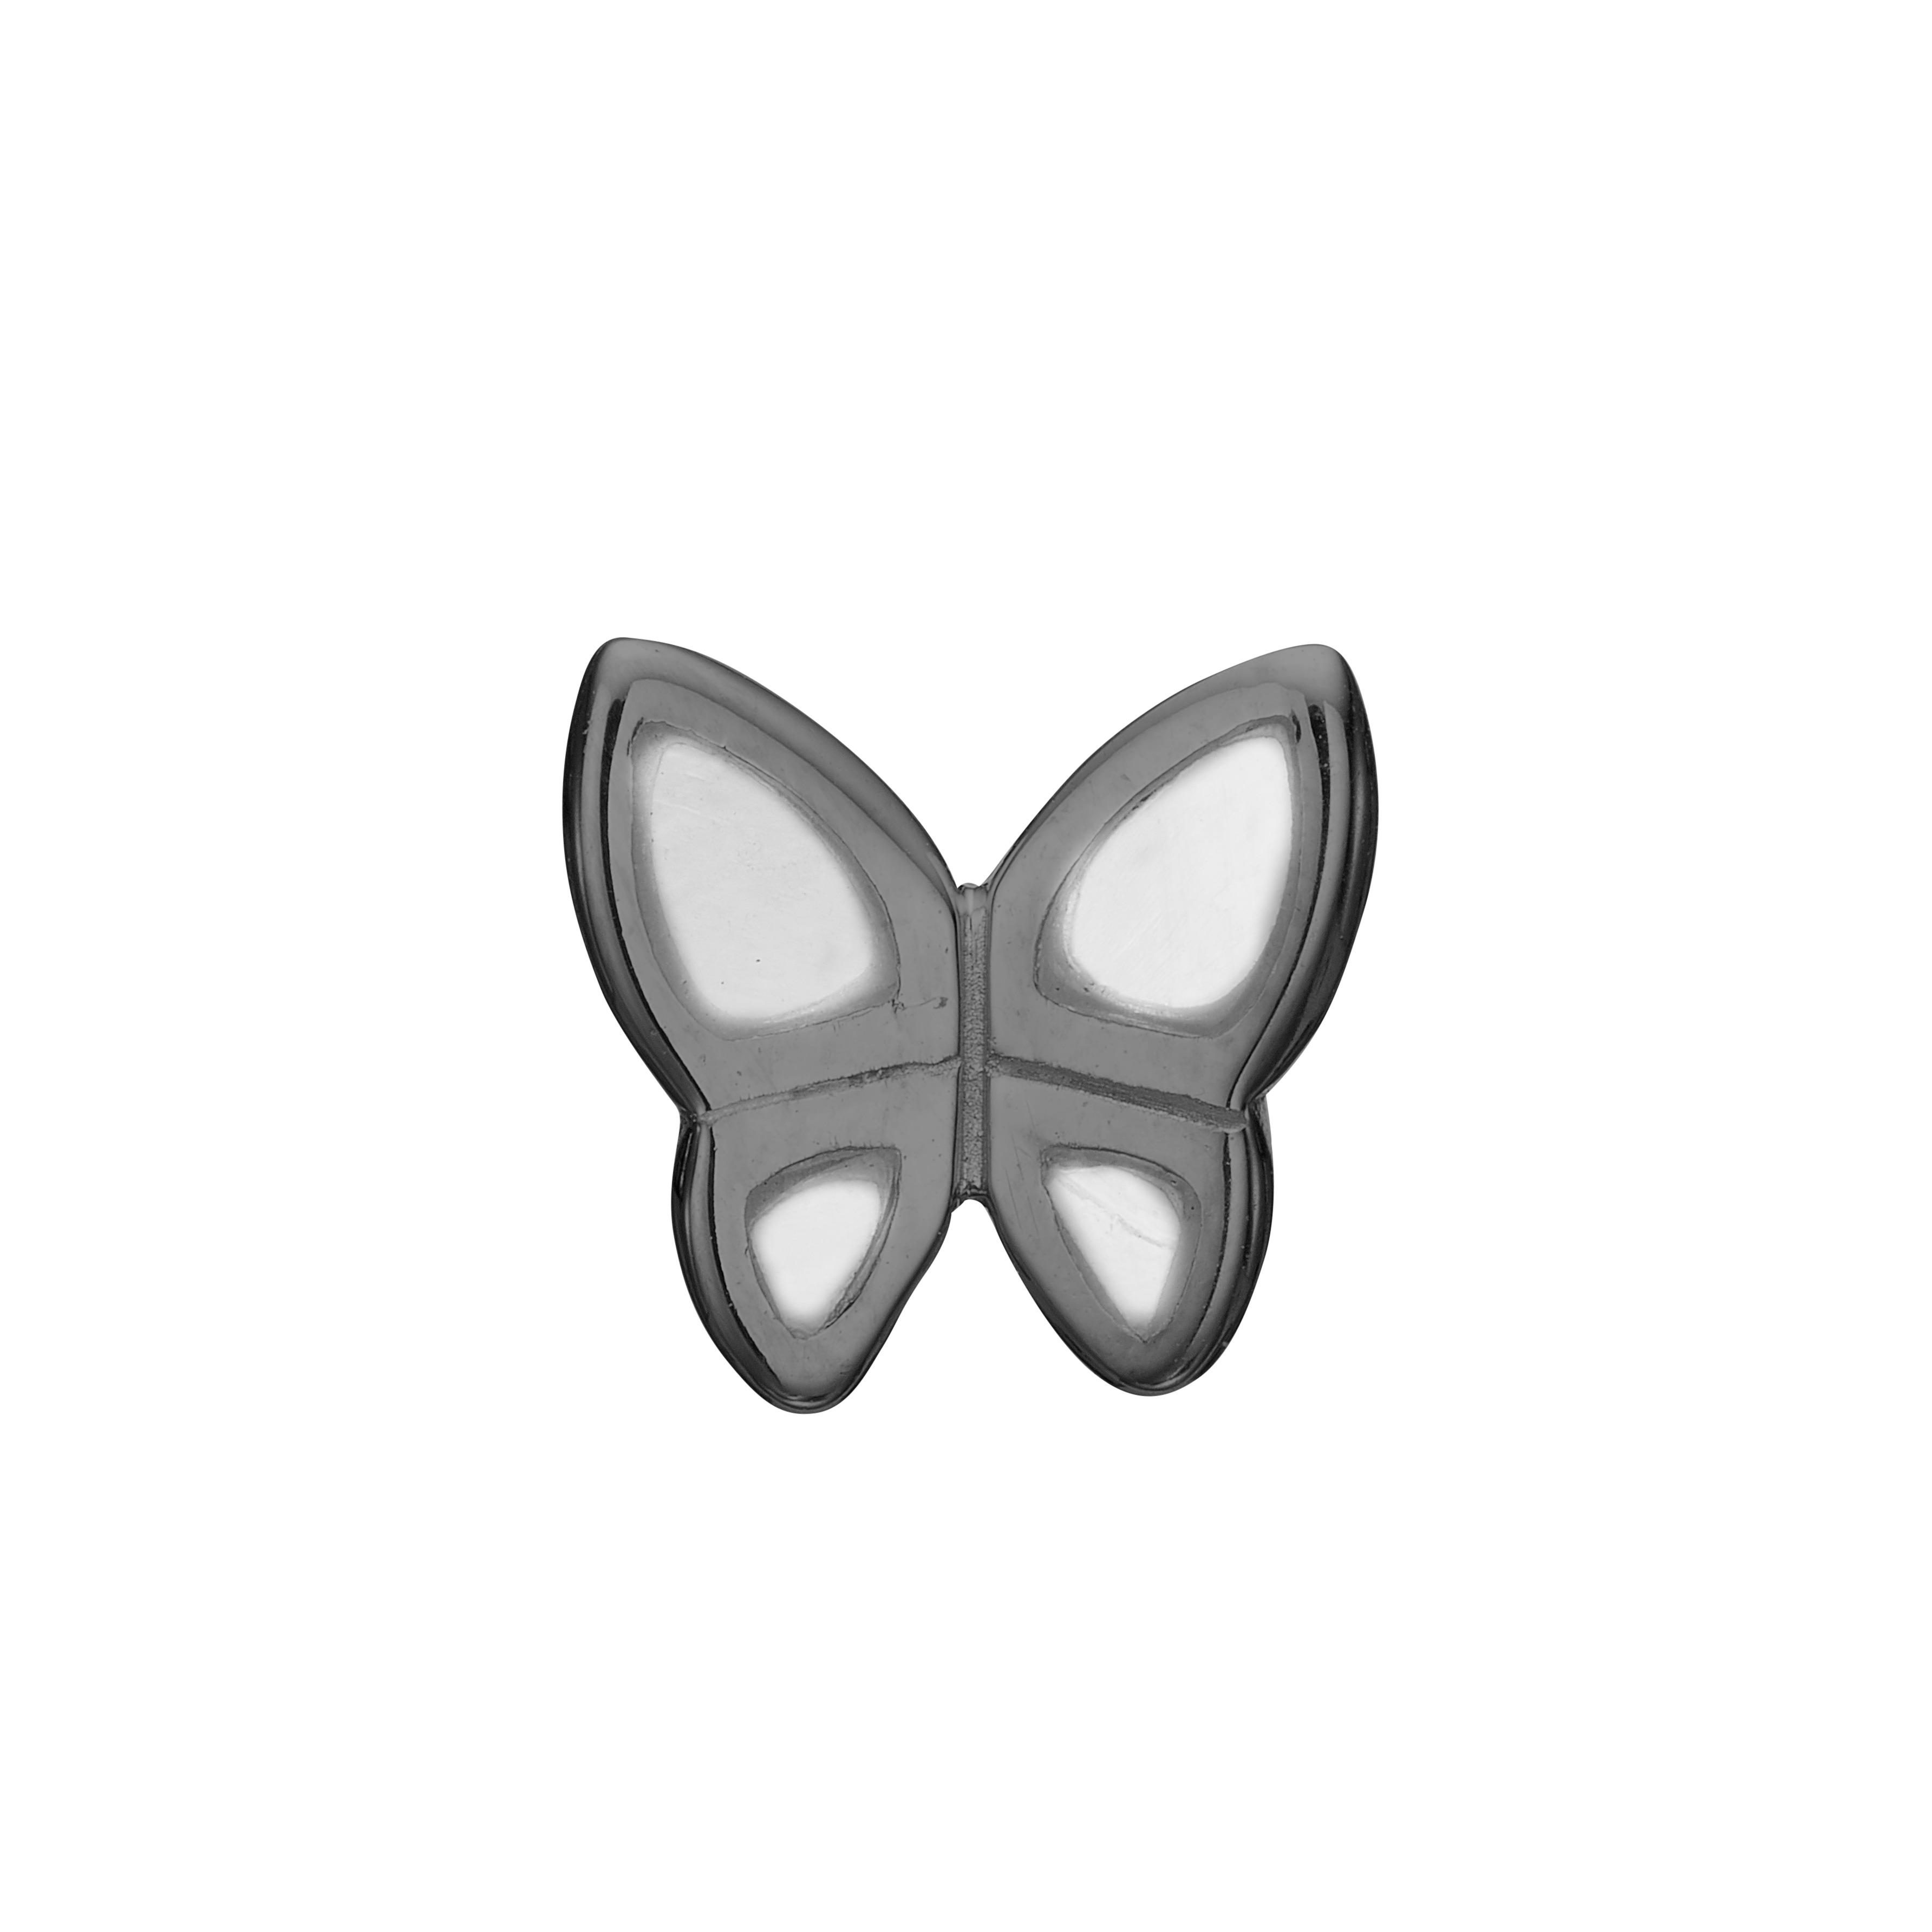 CHRISTINA MOP Butterflies - 671-B14